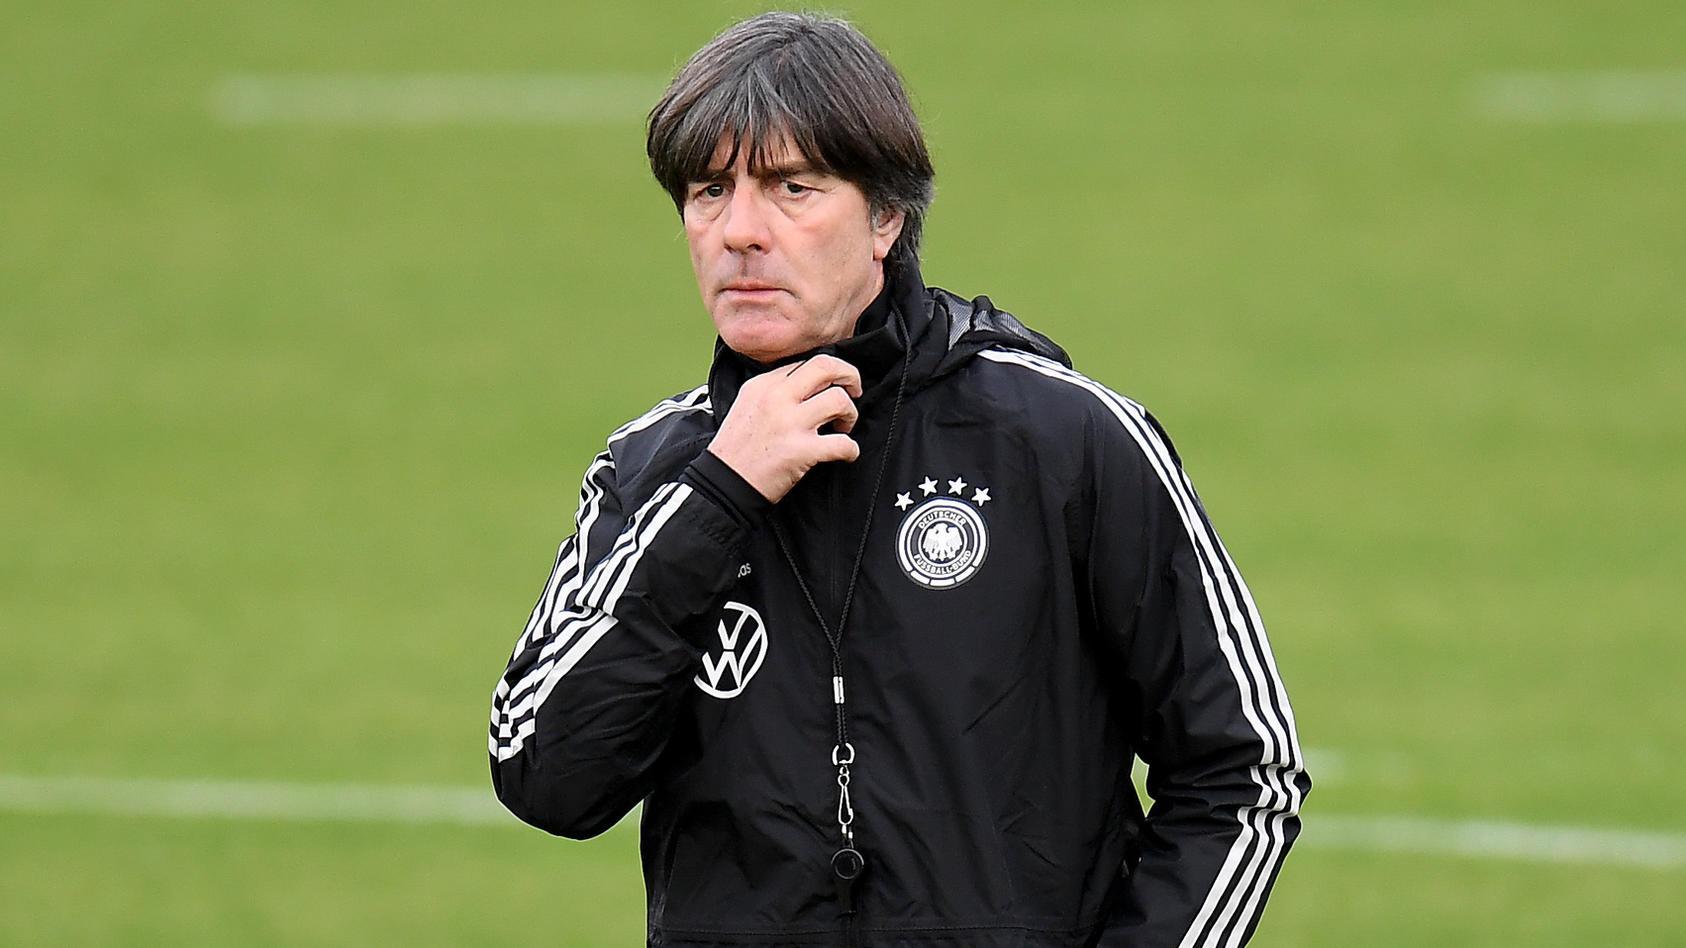 Fußball: DFB Nationalmannschaft, Training im BVB Leistungszentrum am 07.10.2019 in Dortmund, Joachim Löw, Loew, ganze Fi